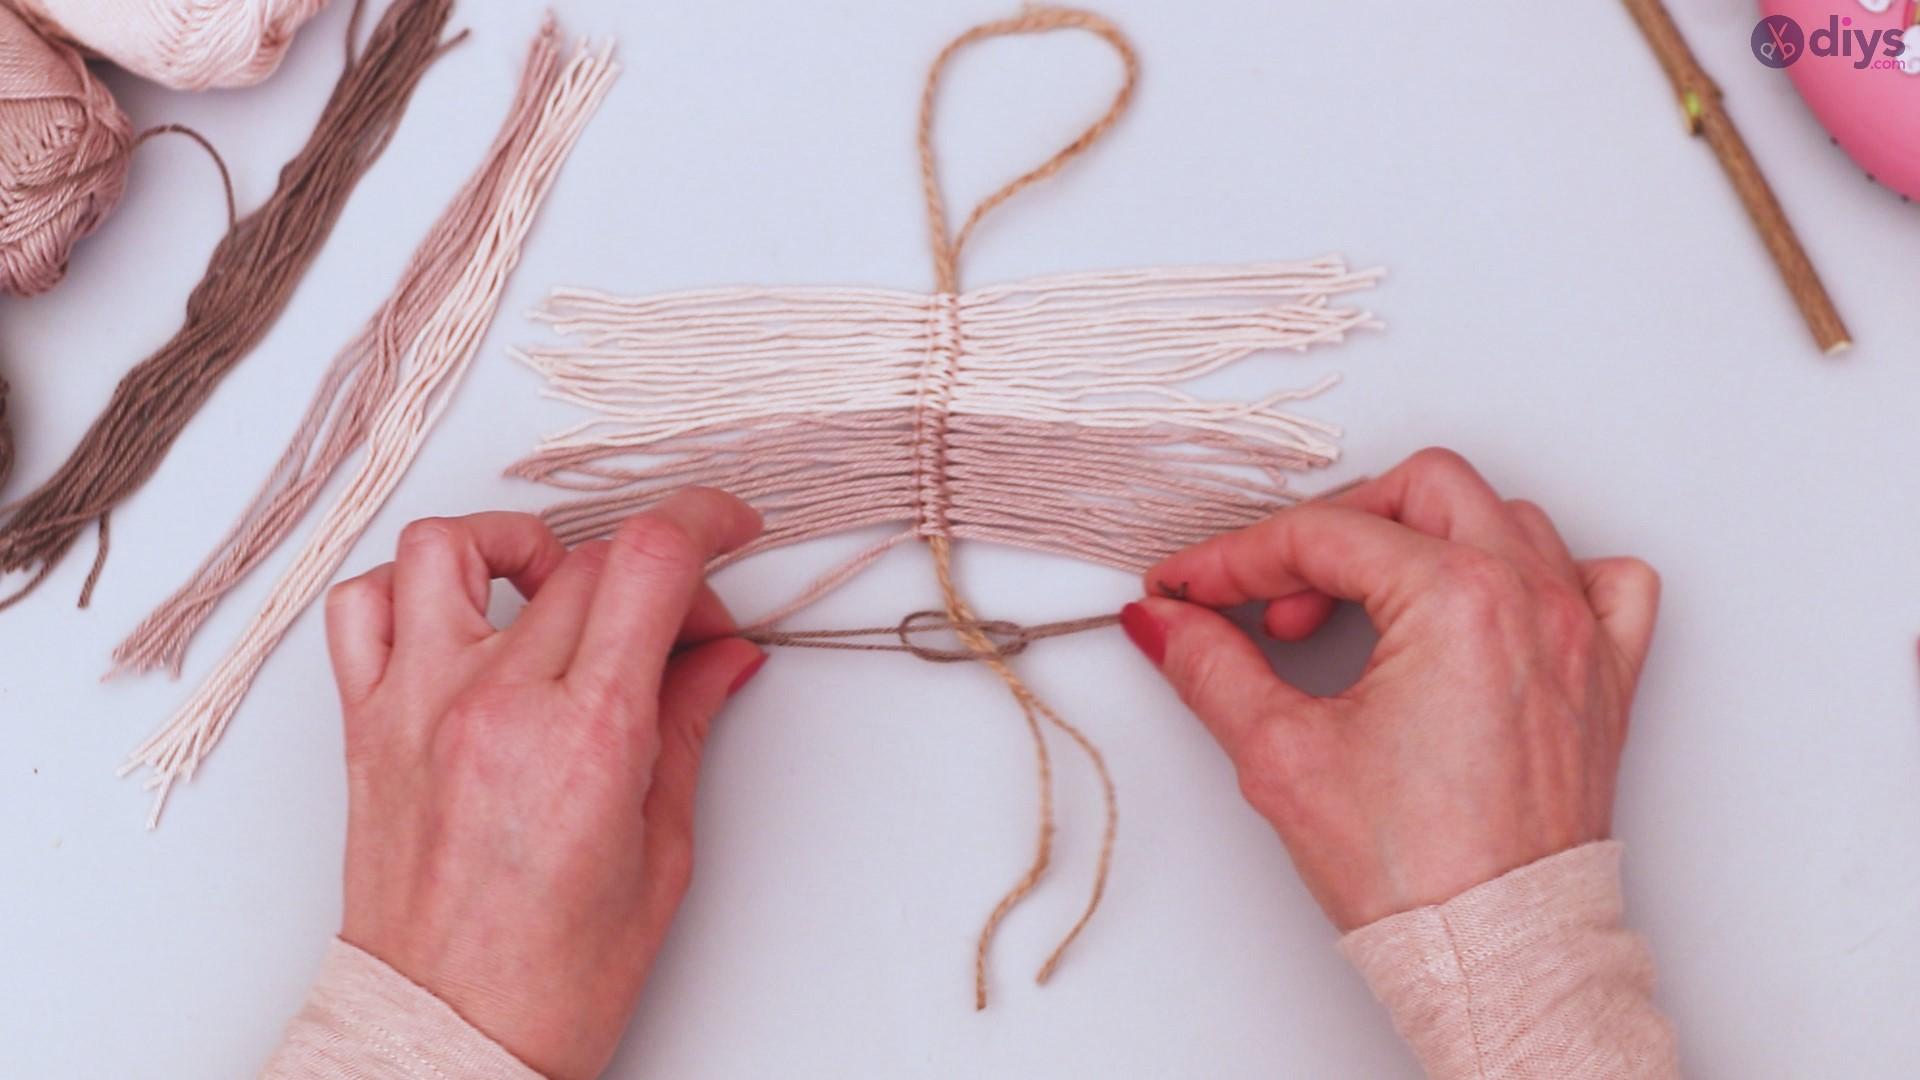 Diy yarn leaf wall decor tutorial (22)